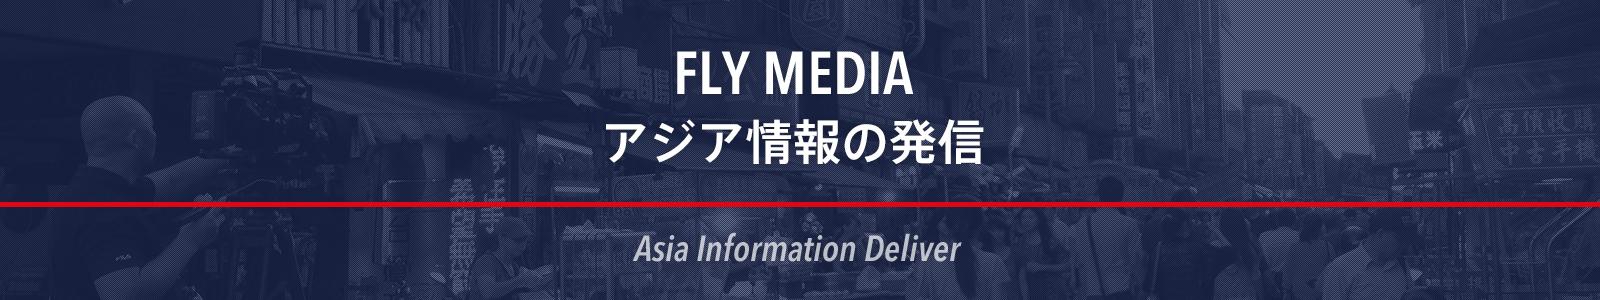 アジア情報の発信